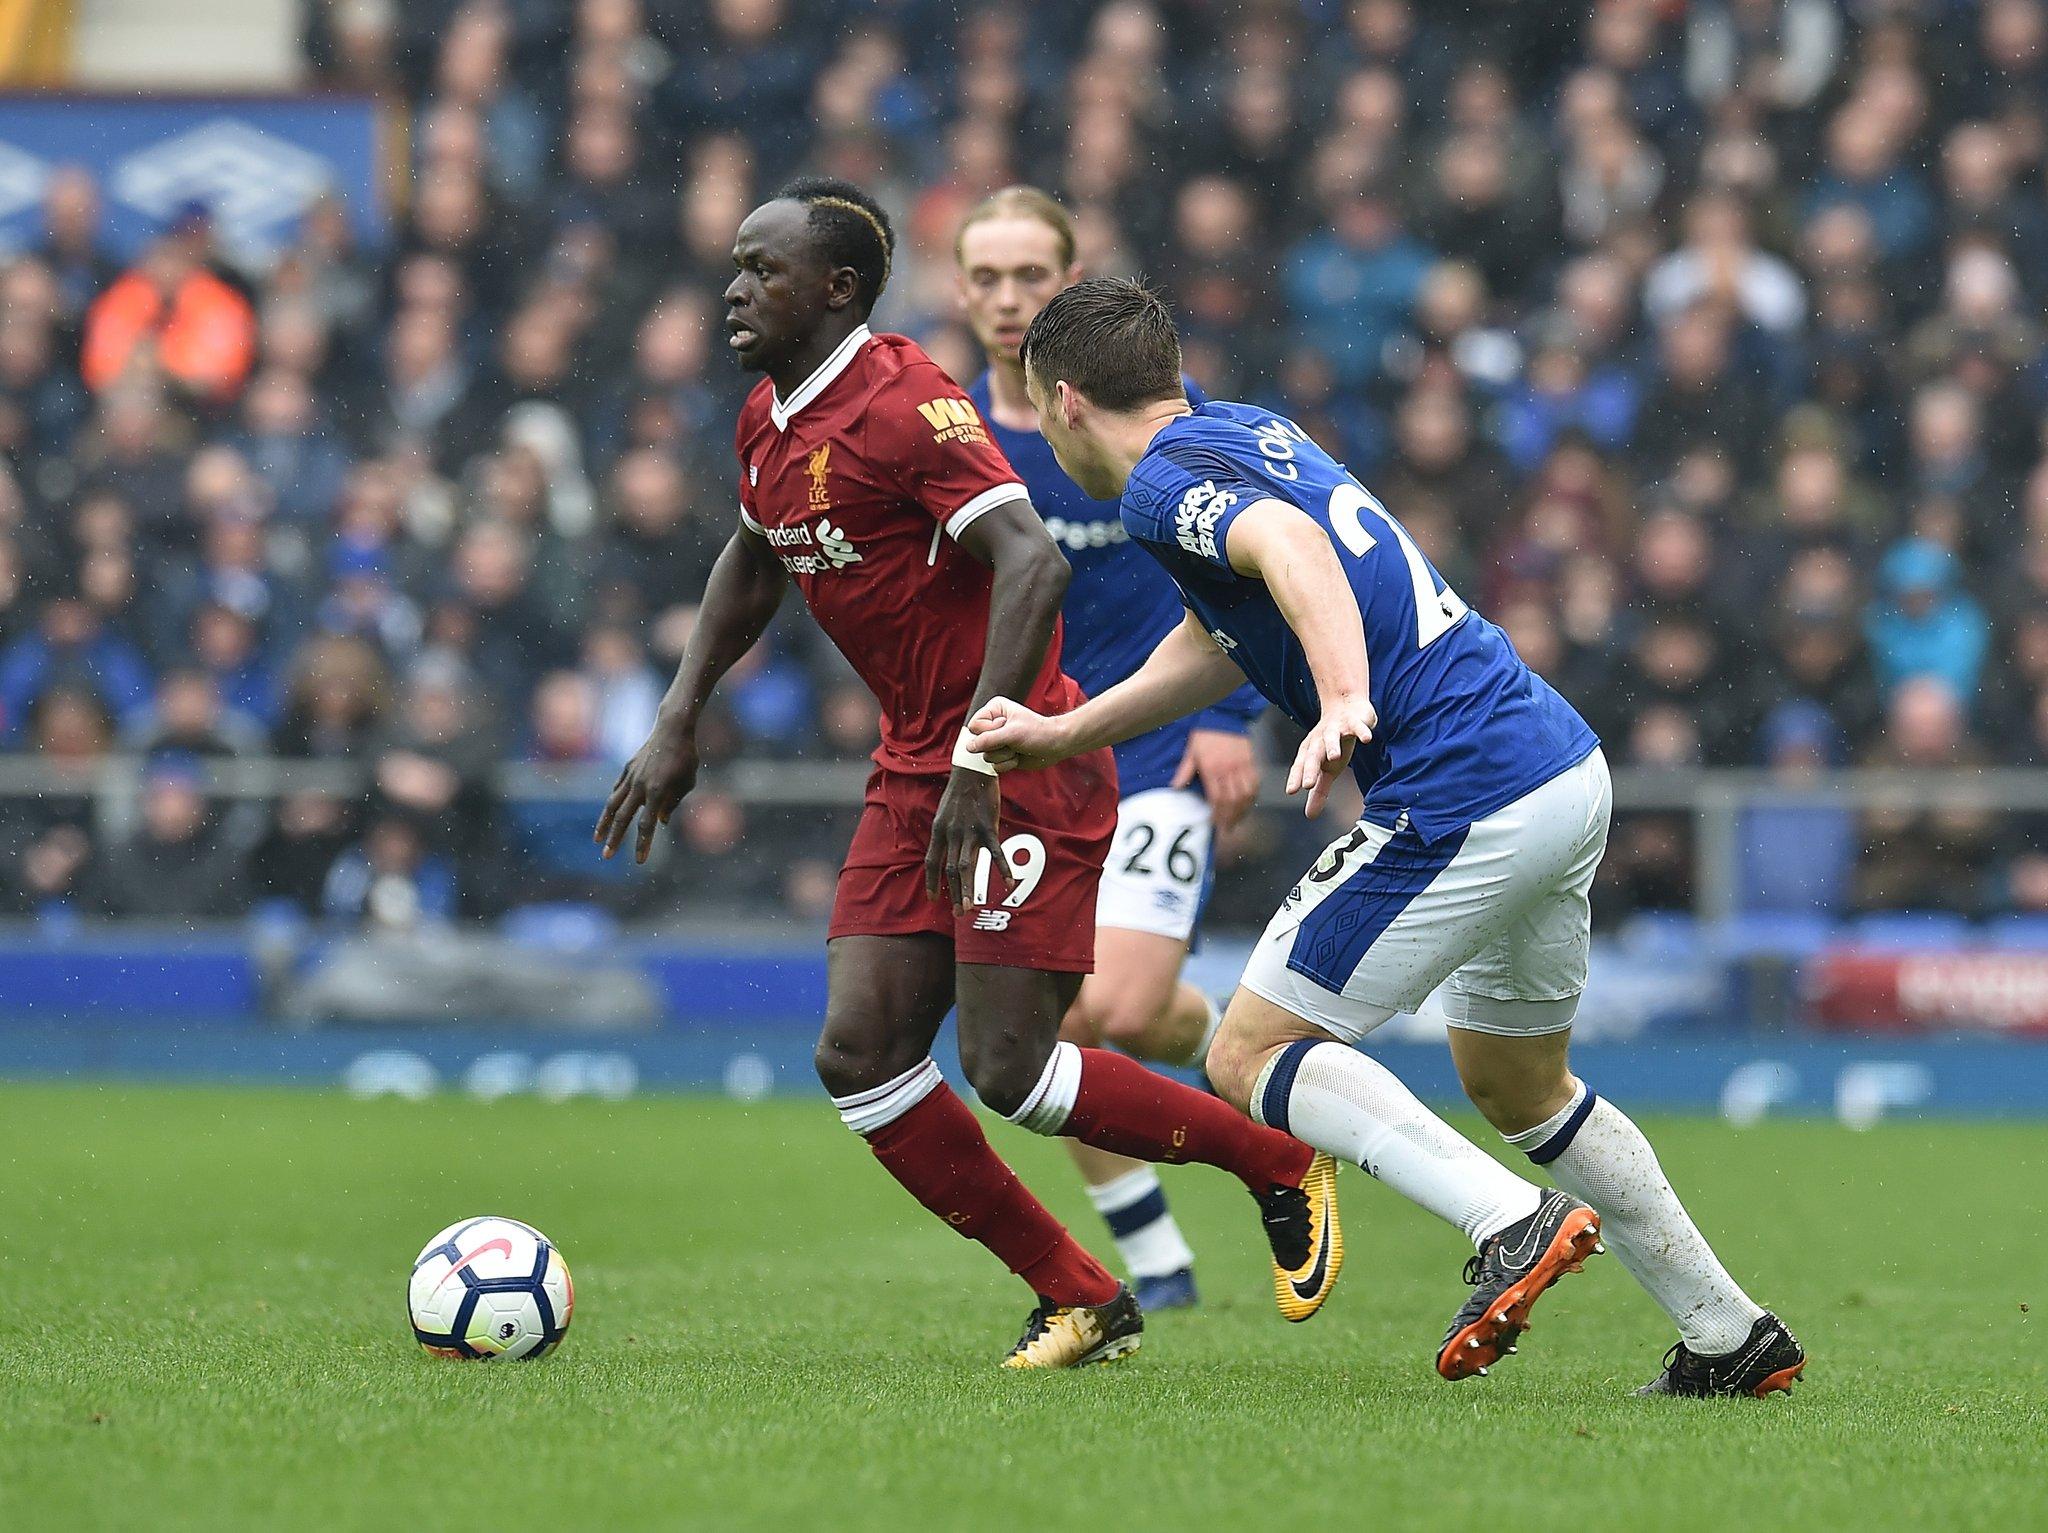 Il Liverpool di Klopp (che fa turn over estremo) fermato dall'Everton: il derby finisce 0-0